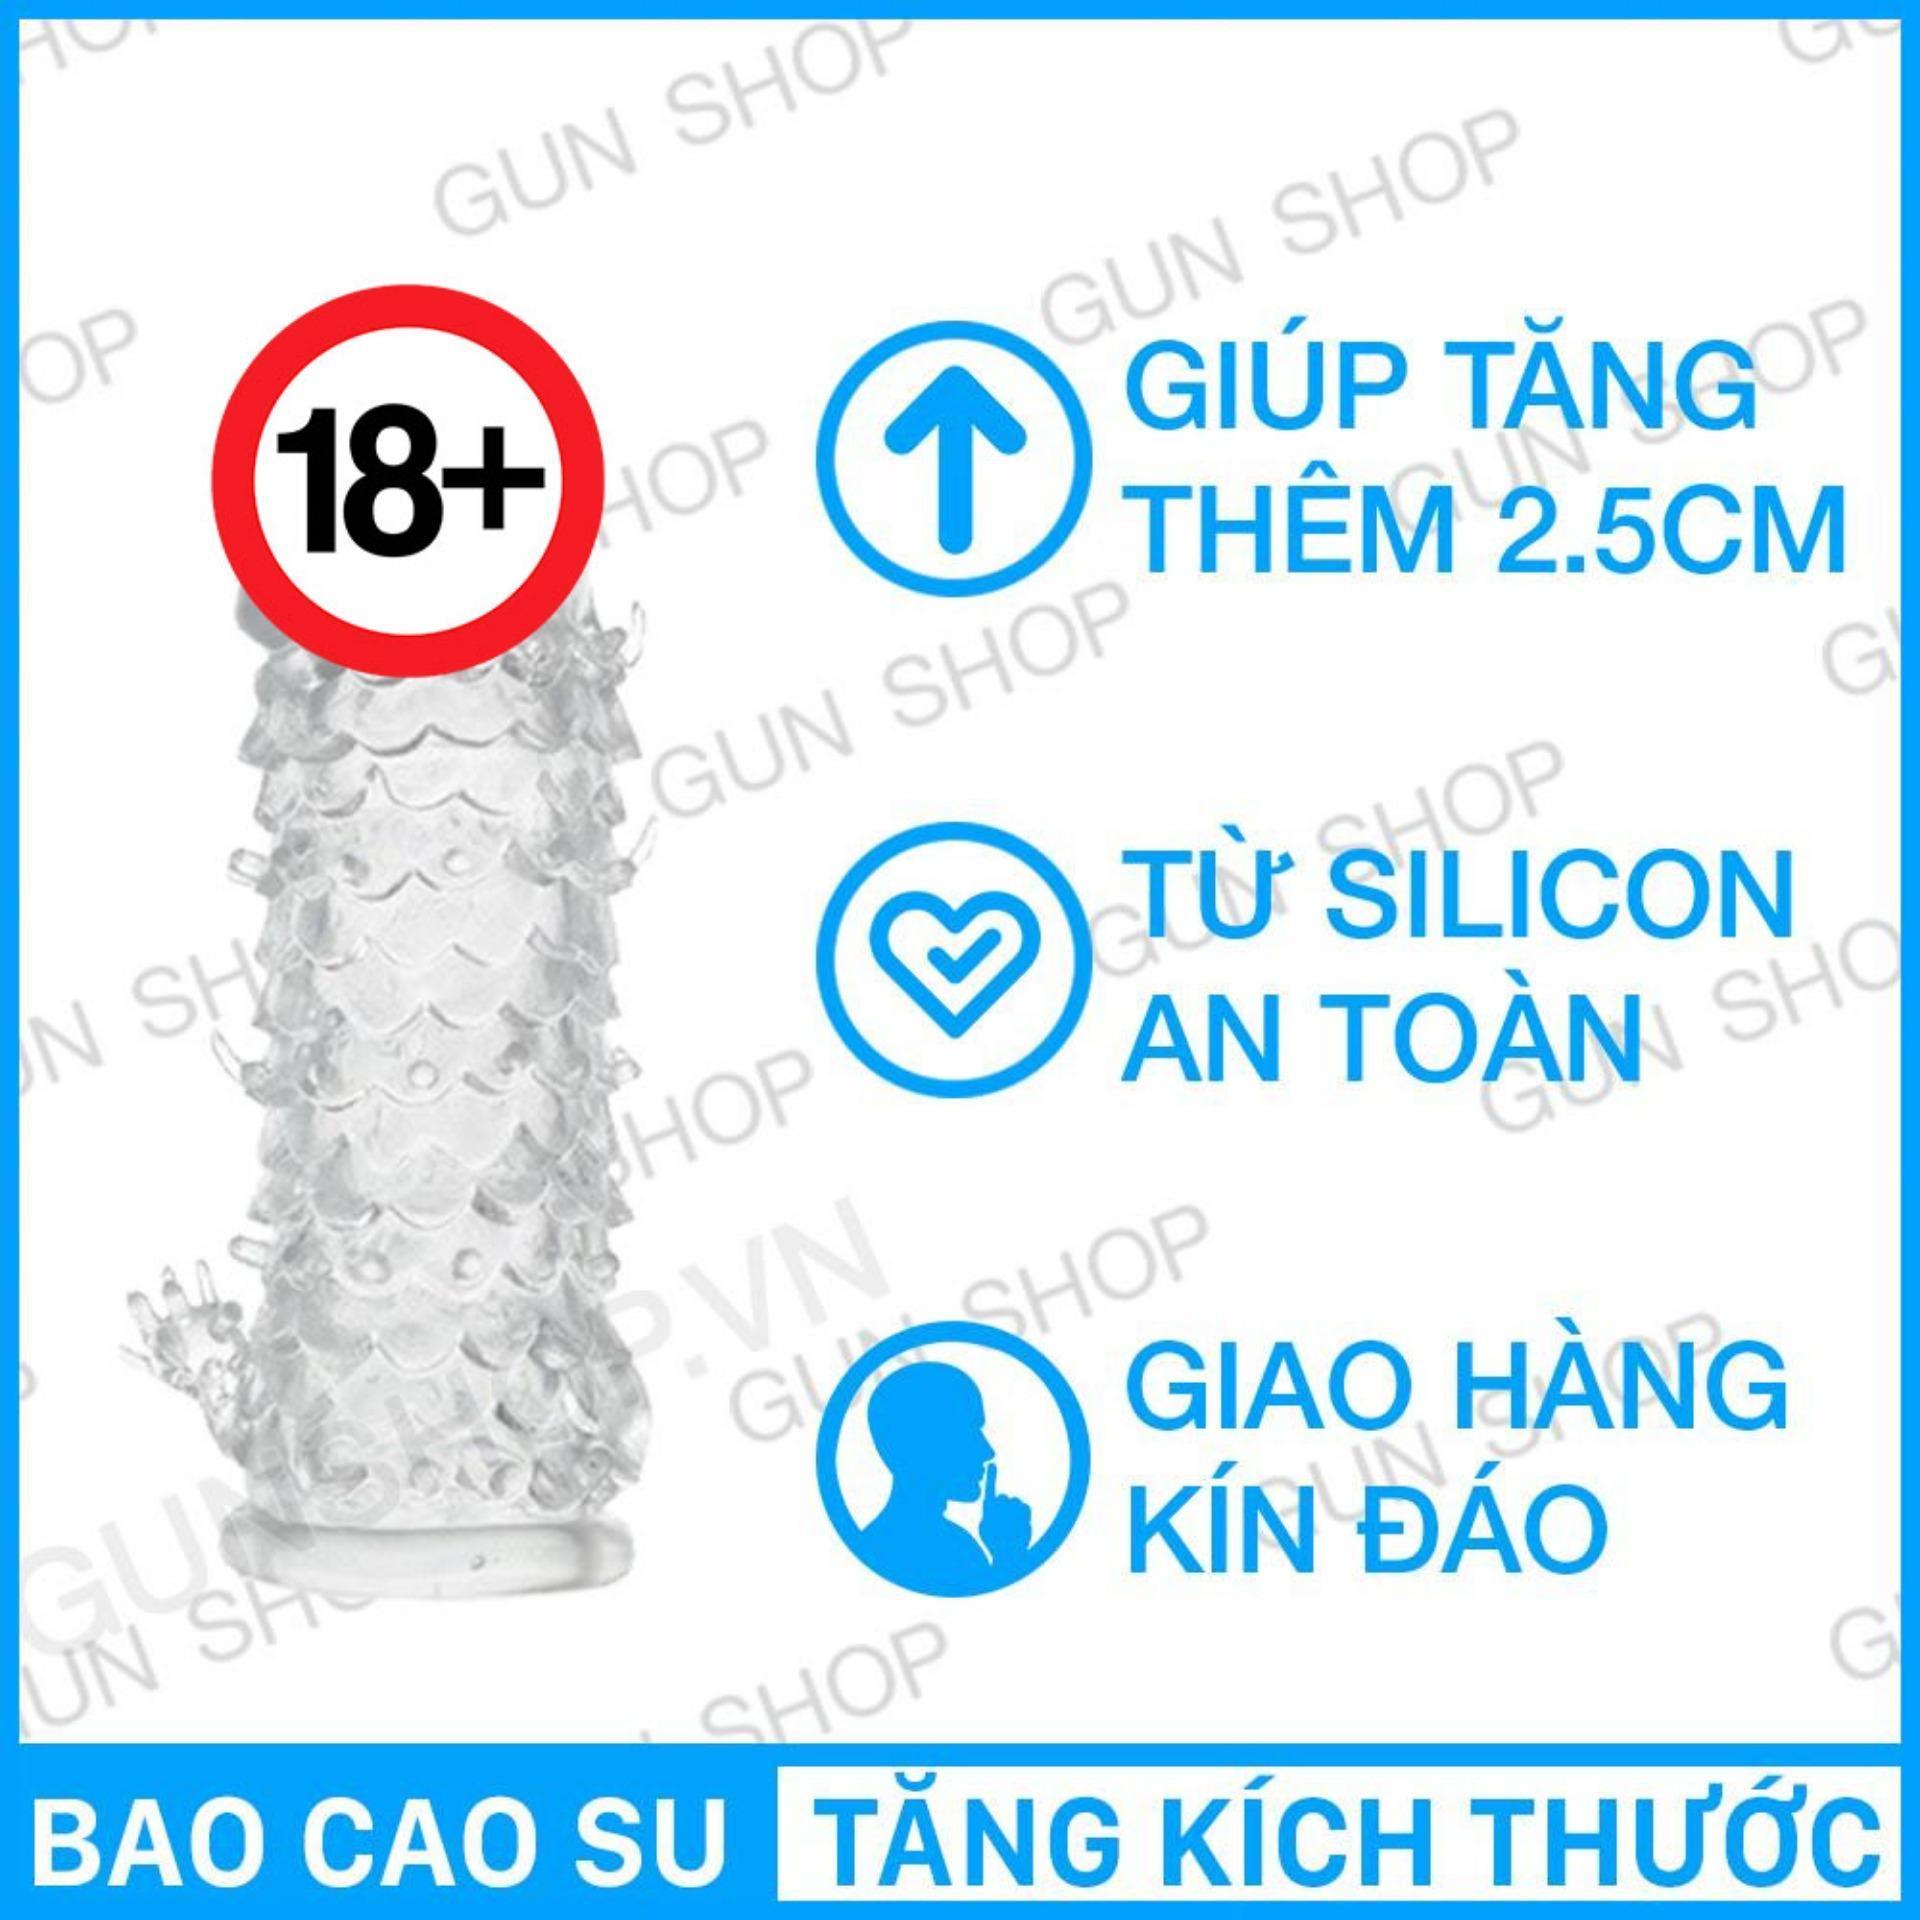 Bao Cao Su Đôn Dên Silicon y tế sử dụng nhiều lần- Tăng Kich Thước - Kéo dài thời gian quan hệ nhập khẩu